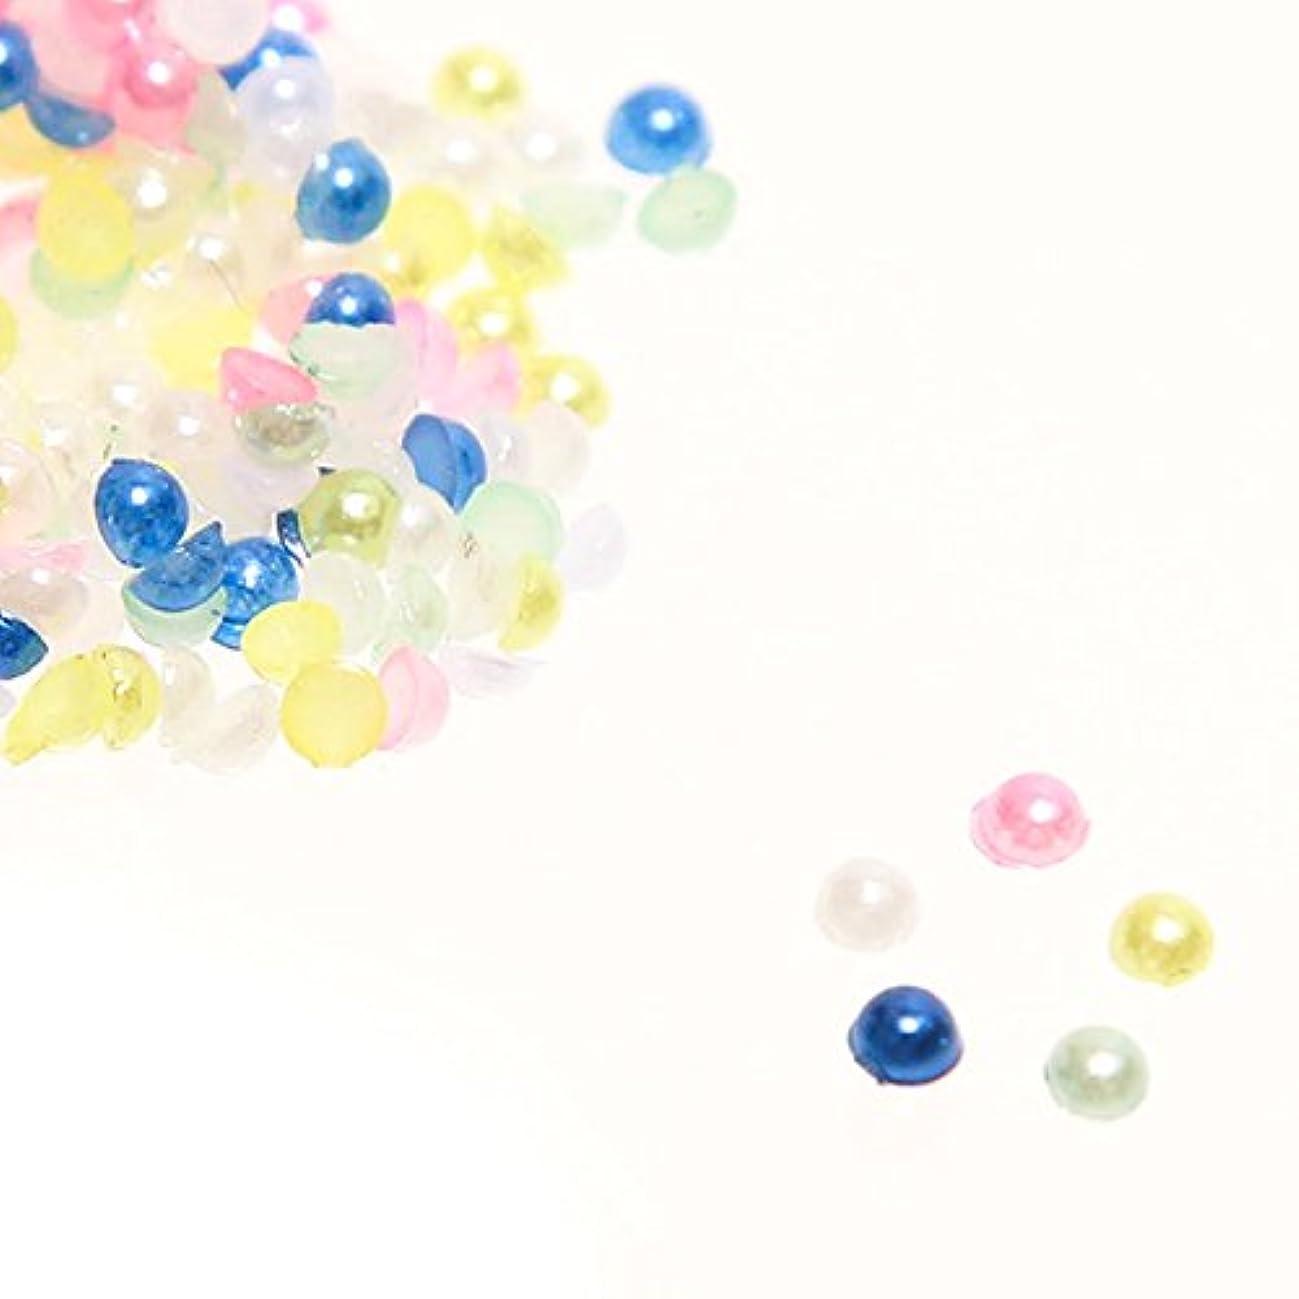 出席する正確なコンプリートパール 全色ミックス マルポコ パールストーン 半球 (サイズ選択可能)【ラインストーン77】 (2mm(1600粒))